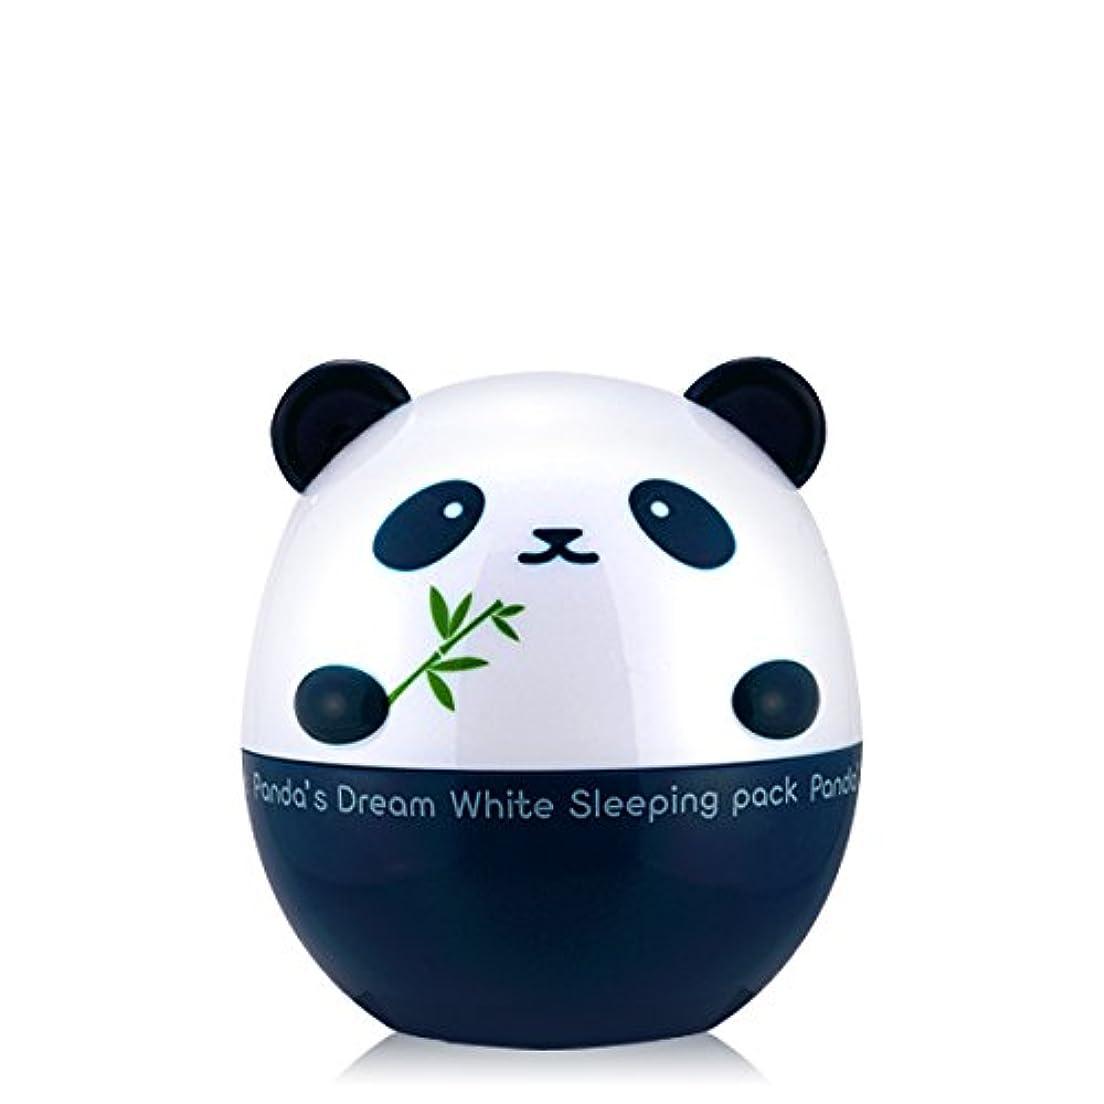 荒廃するシリーズケーブルカー[1+1] TONY MOLY Panda's Dream White Sleeping Pack 50g / トニーモリーパンダーズドリームホワイトスリーピングパック50g / 1.76oz [並行輸入品]